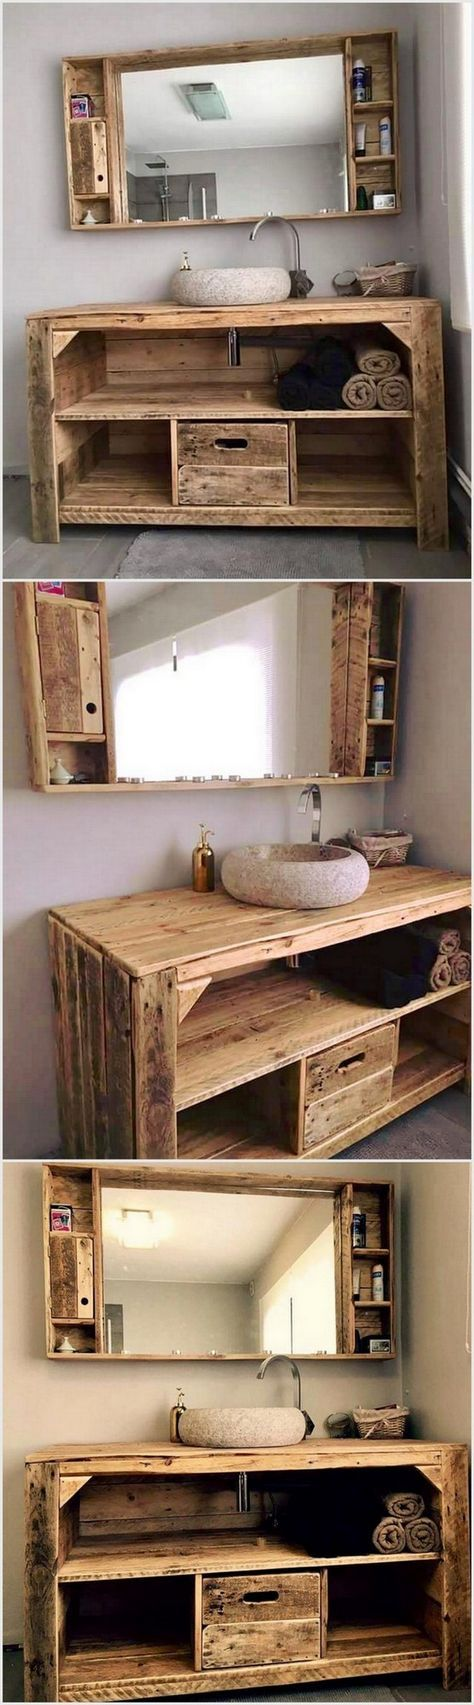 Wood Pallet Sink Project Salle De Bains Palette Palette Diy Et Artisanat De Palettes